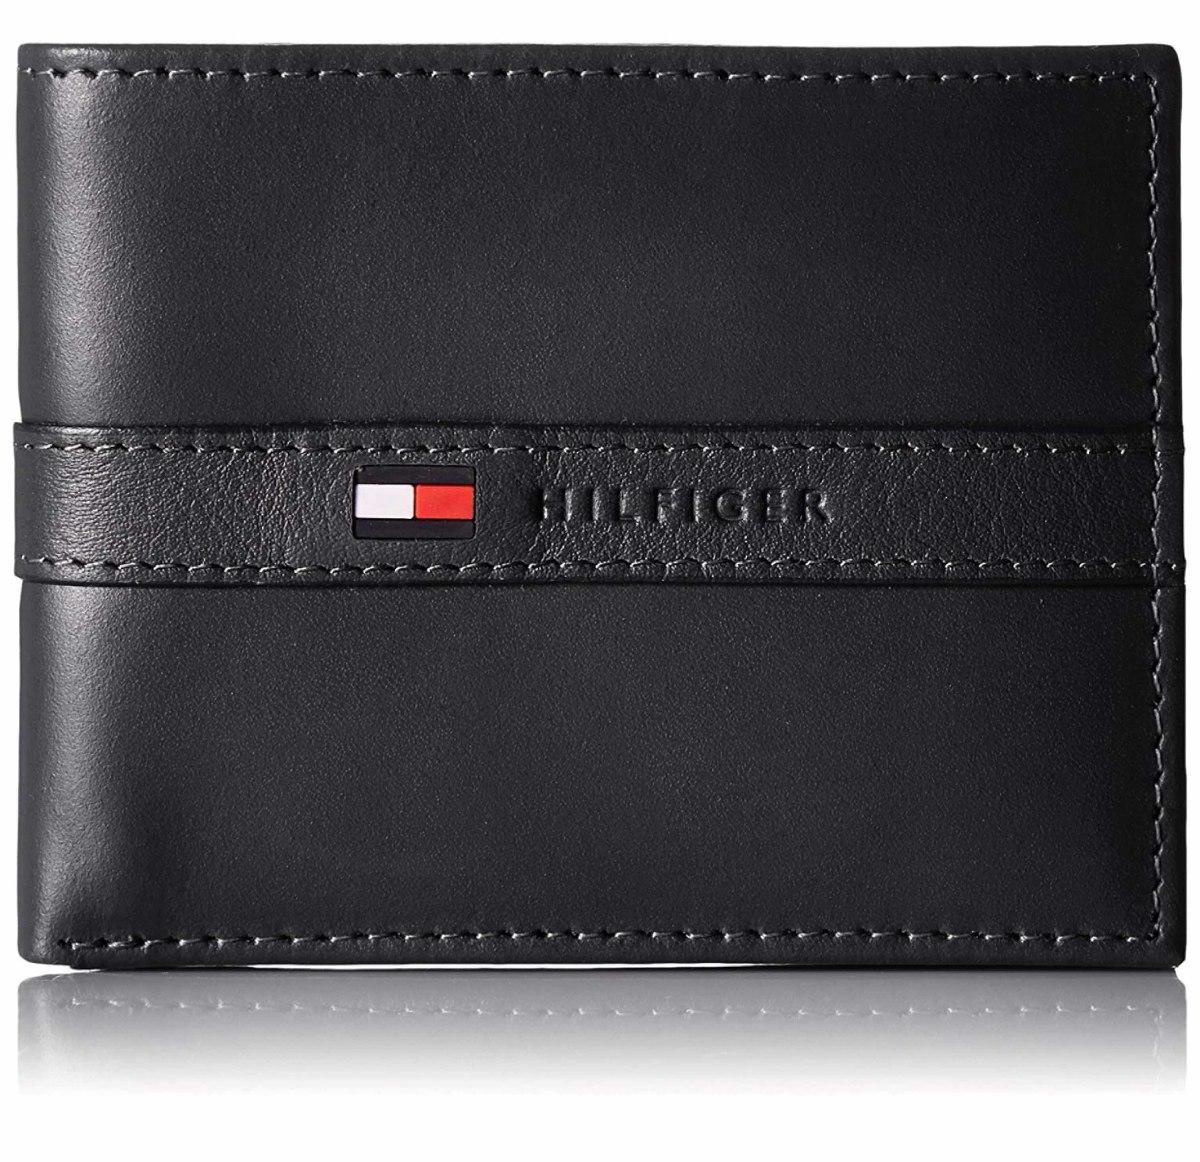 29ac6041bae cartera billetera hombre piel tommy hilfiger original negra. Cargando zoom.